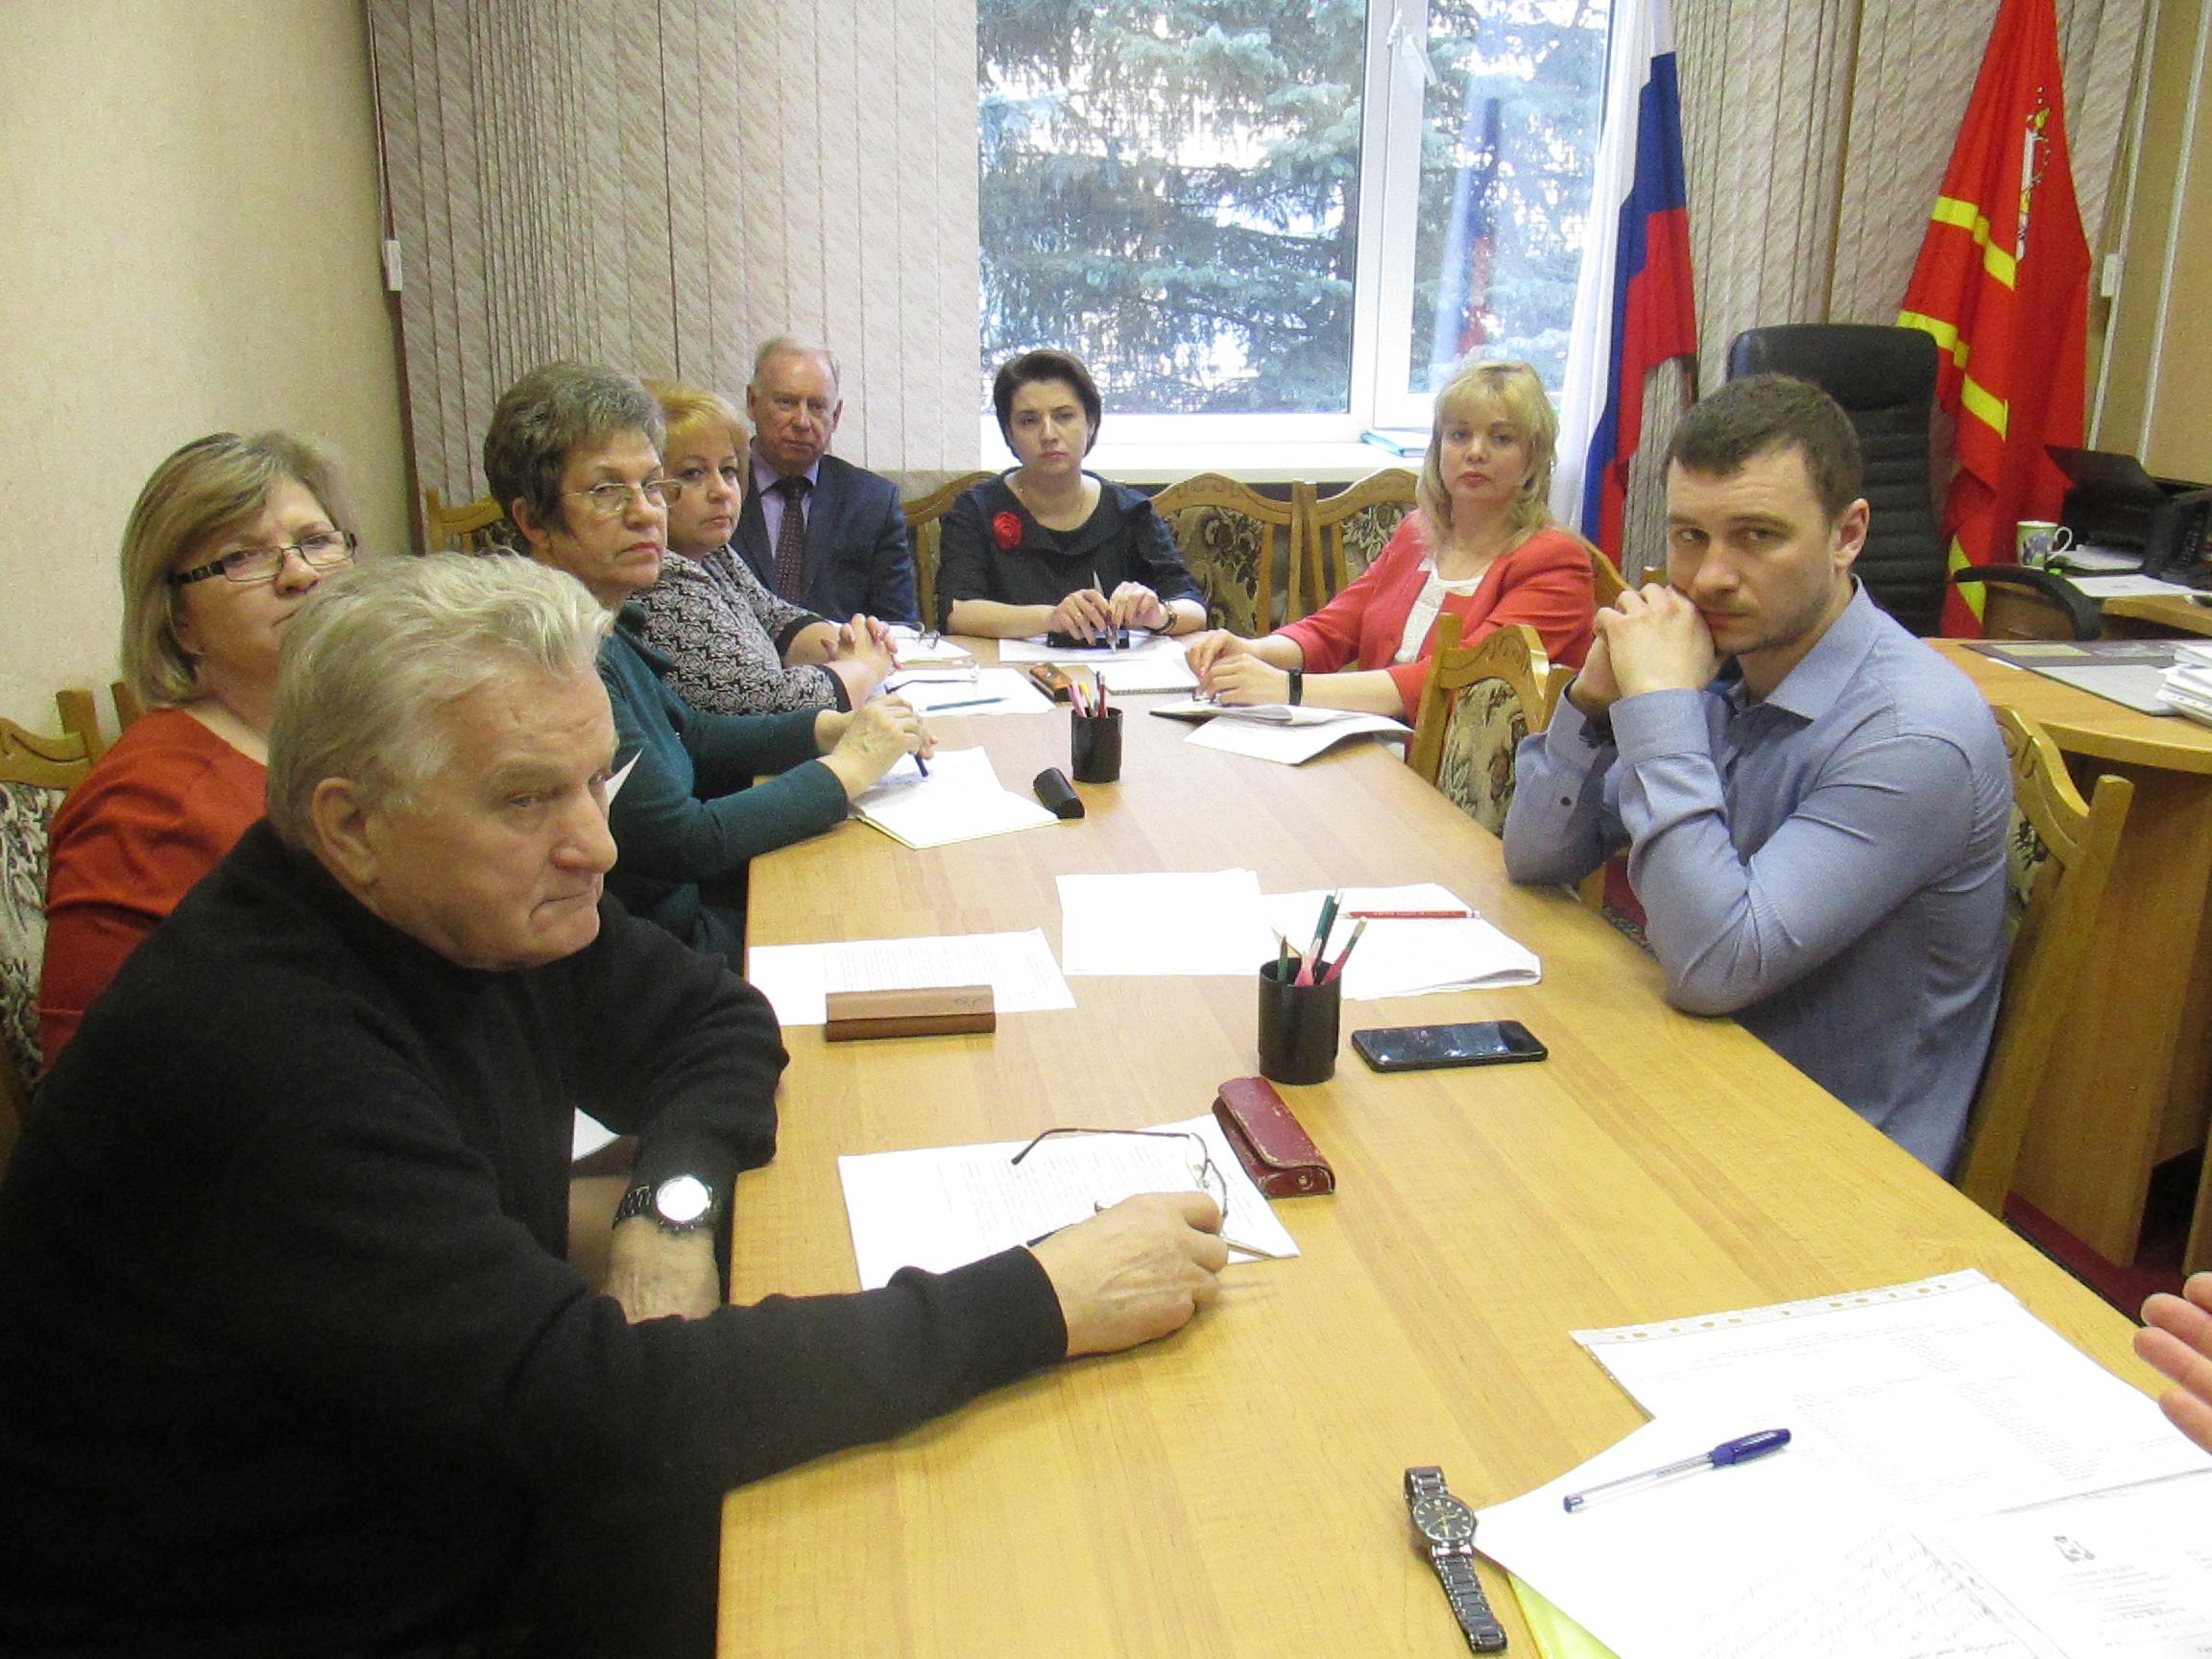 20 февраля состоялось заседание постоянной комиссии по социальной политике Вяземского районного Совета депутатов